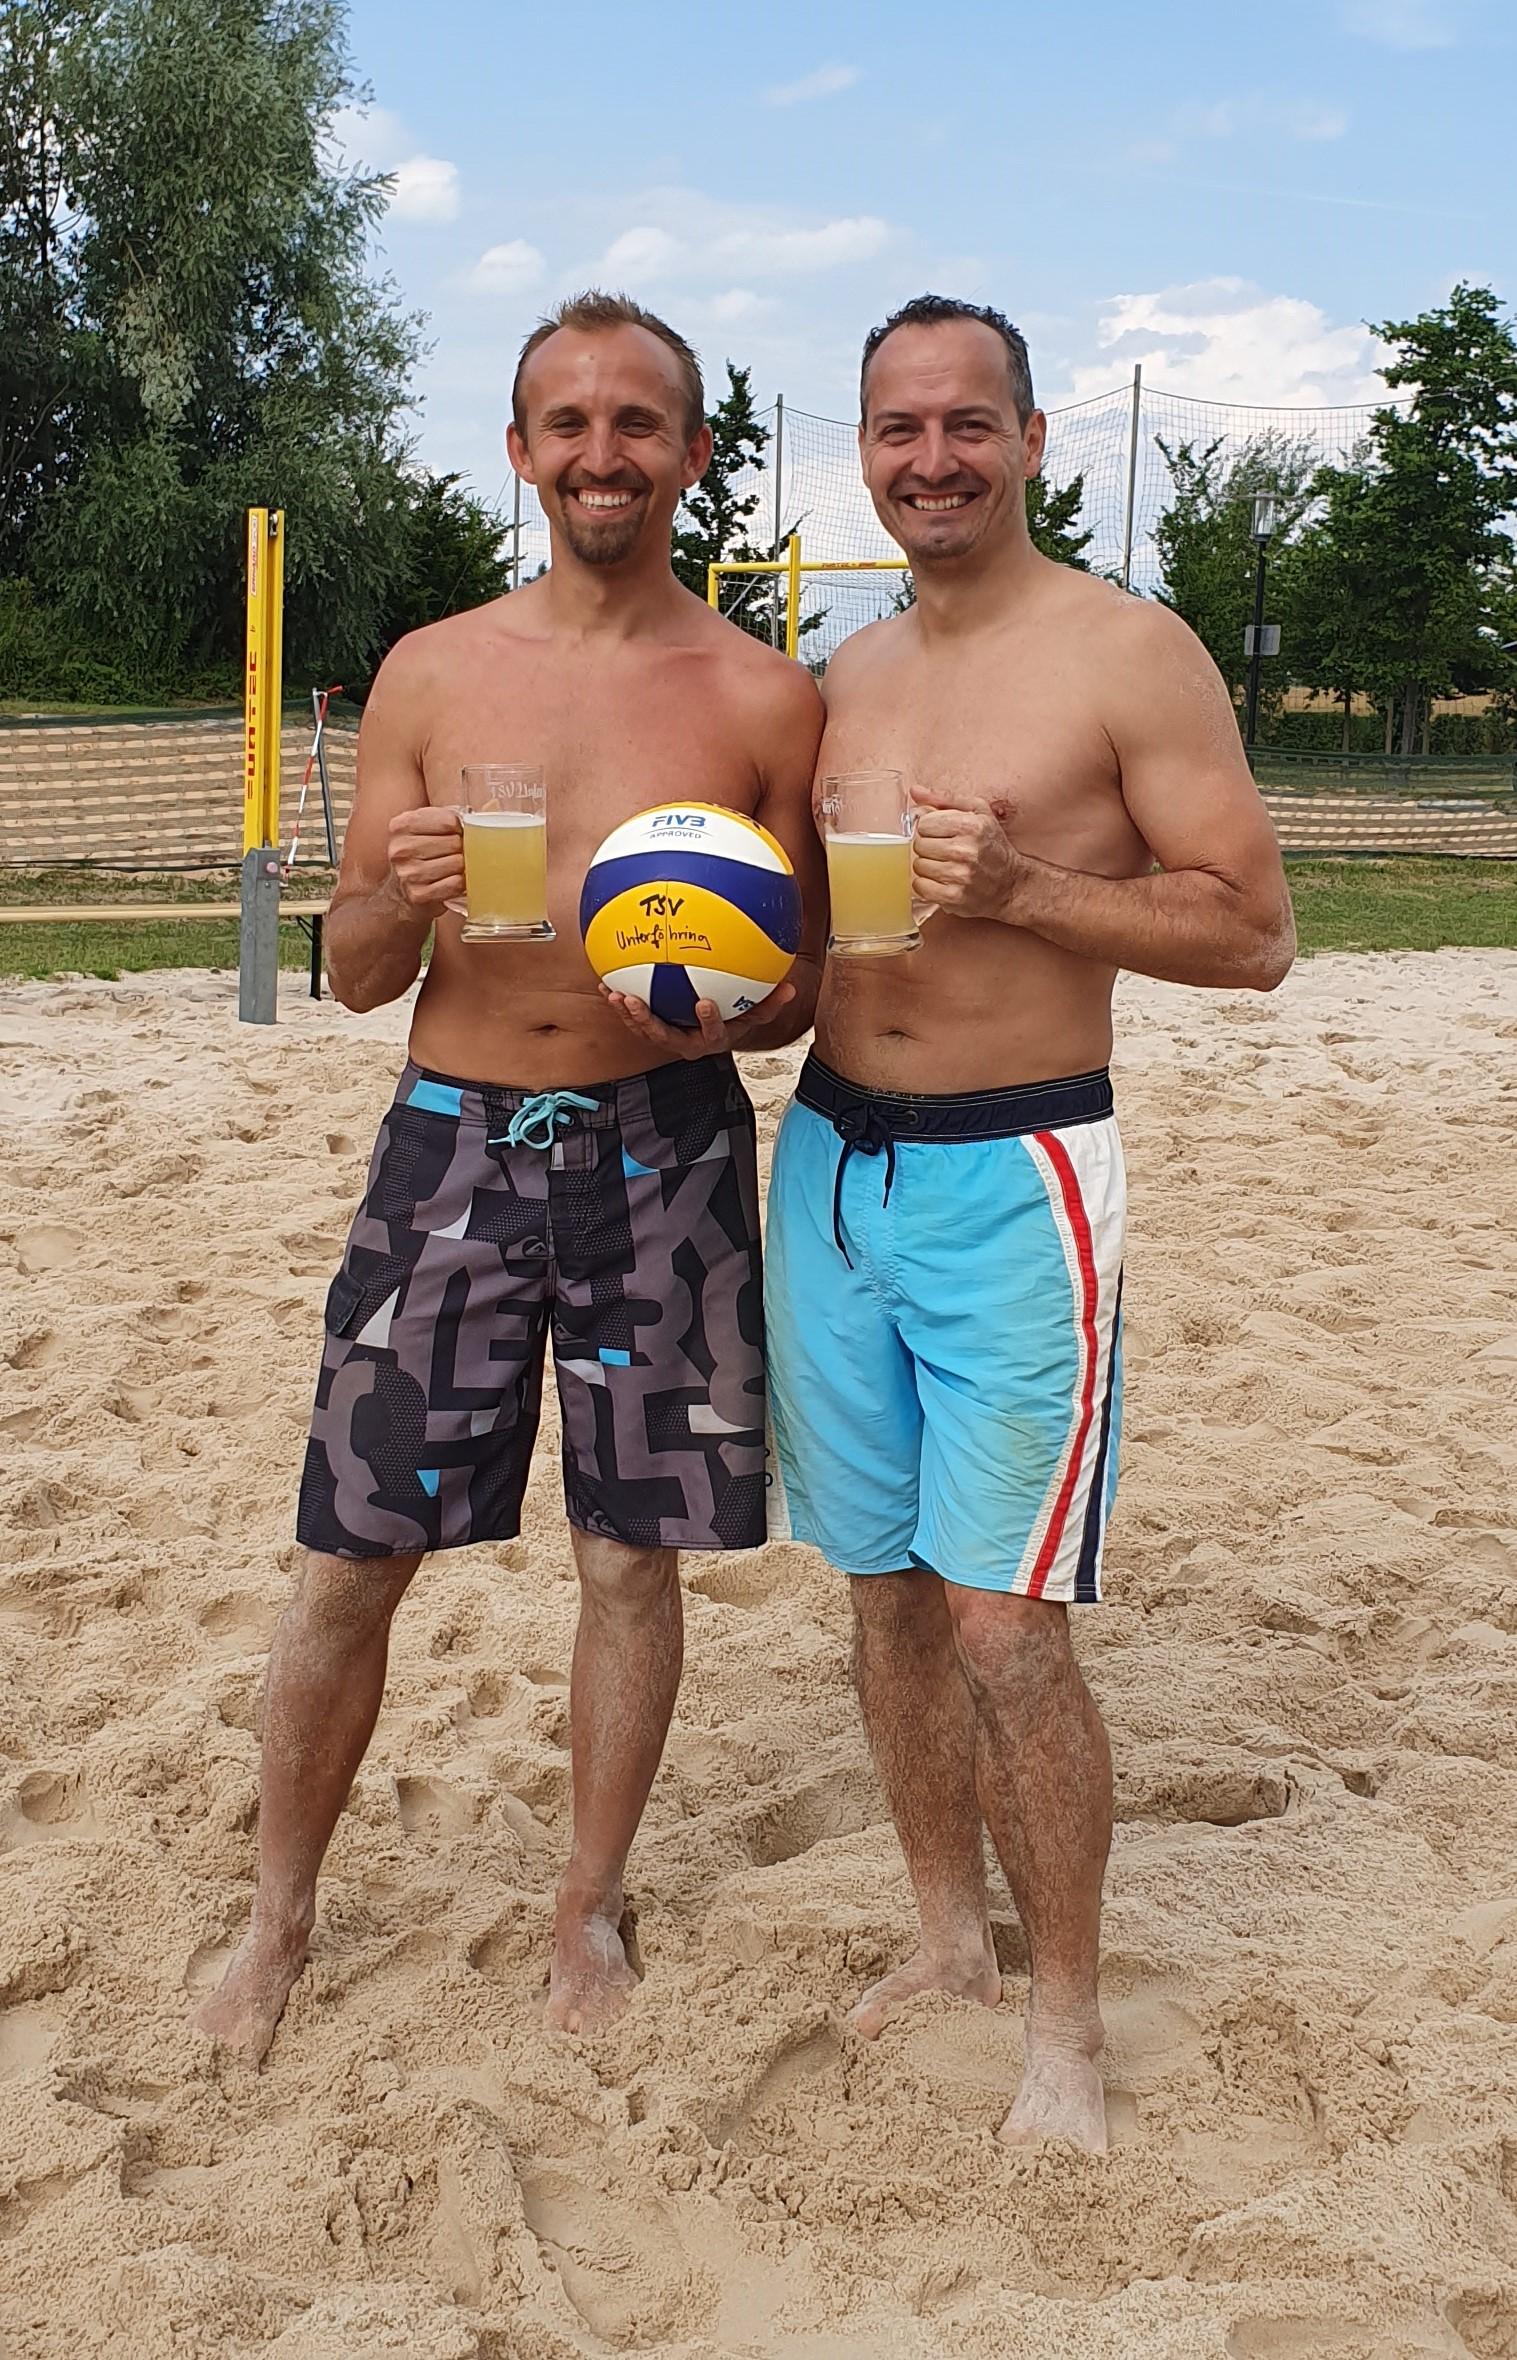 Die neuen bayrischen Meister im Beachvolleyball der Herren über 35 Jahre - Alexander Klein und René Wendler.